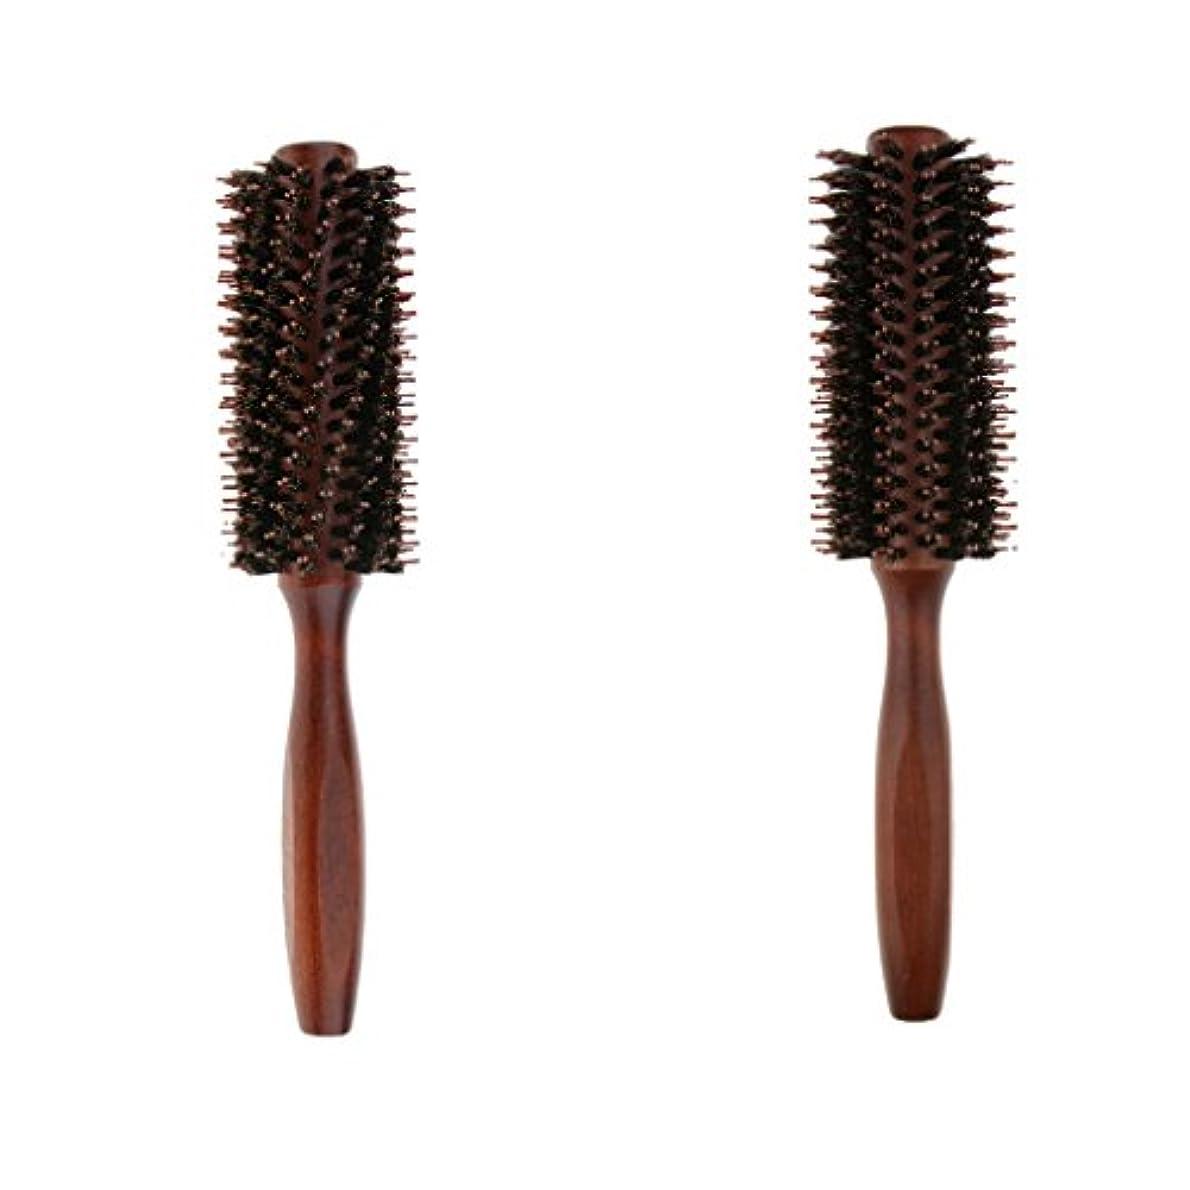 販売員音変わるB Blesiya 2個 ロールブラシ ヘアブラシ ヘアカラーリング用 木製櫛 静電気防止 耐熱コーム 巻き髪